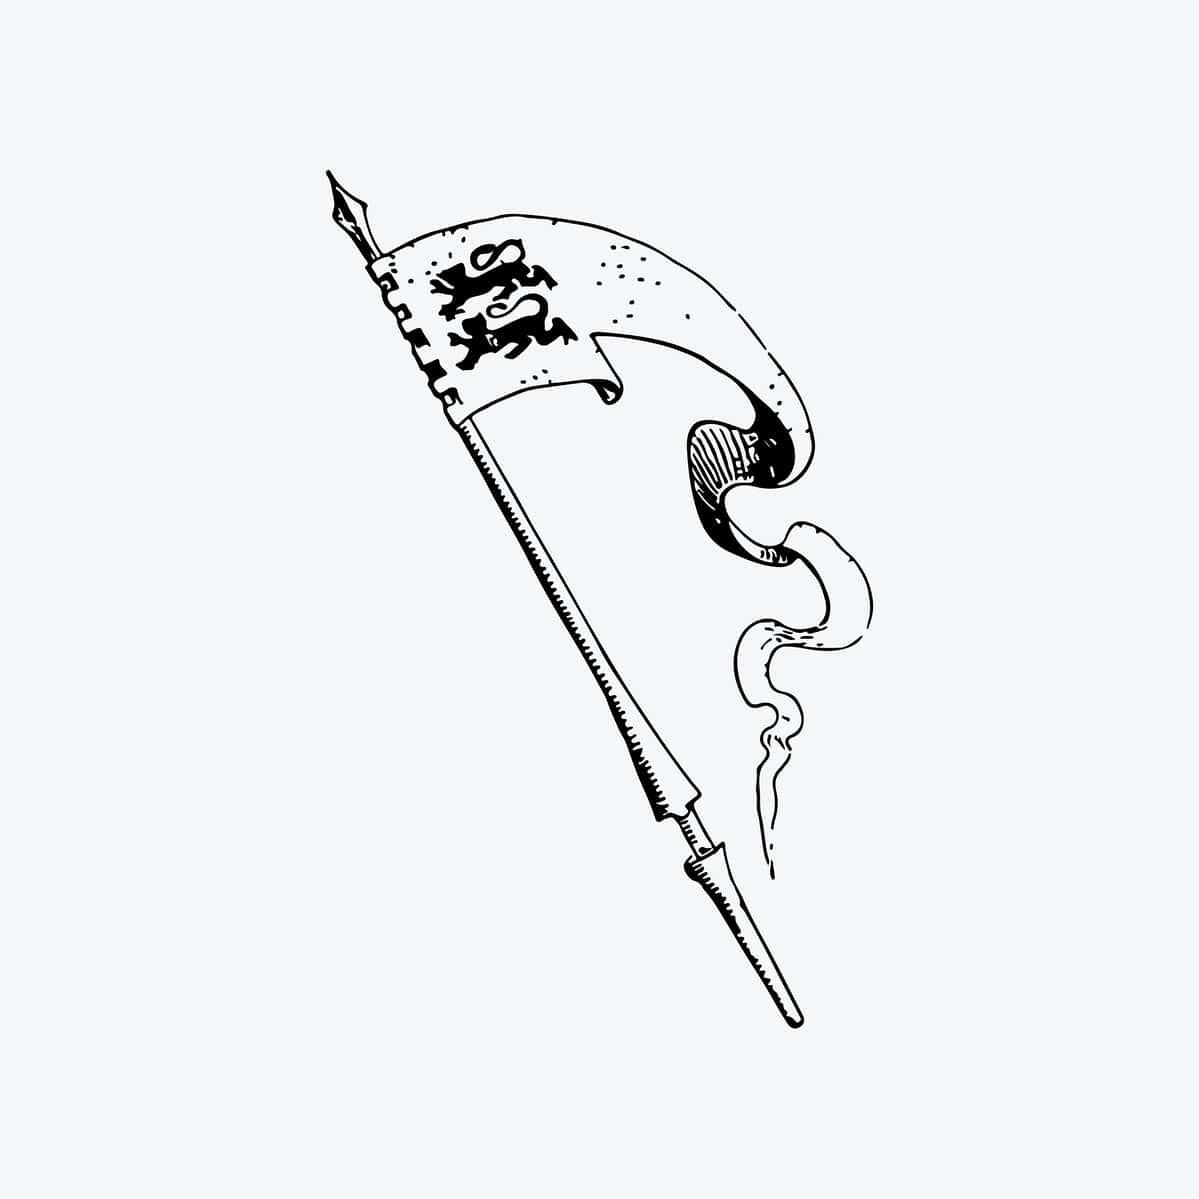 un oriflamme avec le symbole du royaume d'Angleterre